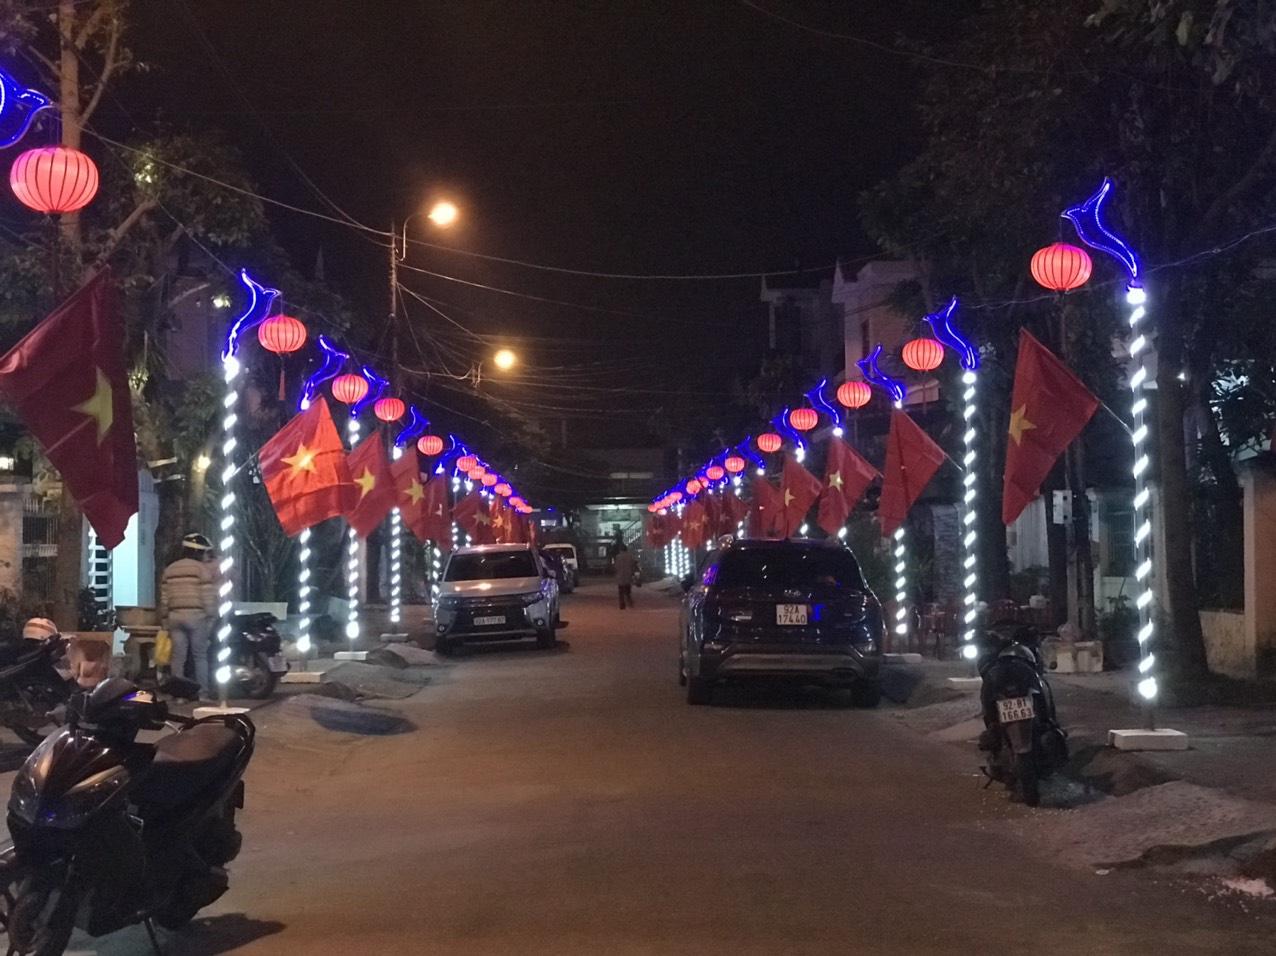 Quảng Nam: Rực rỡ tuyến đường đạt giải nhất cuộc thi trang trí ngày tết - Ảnh 2.